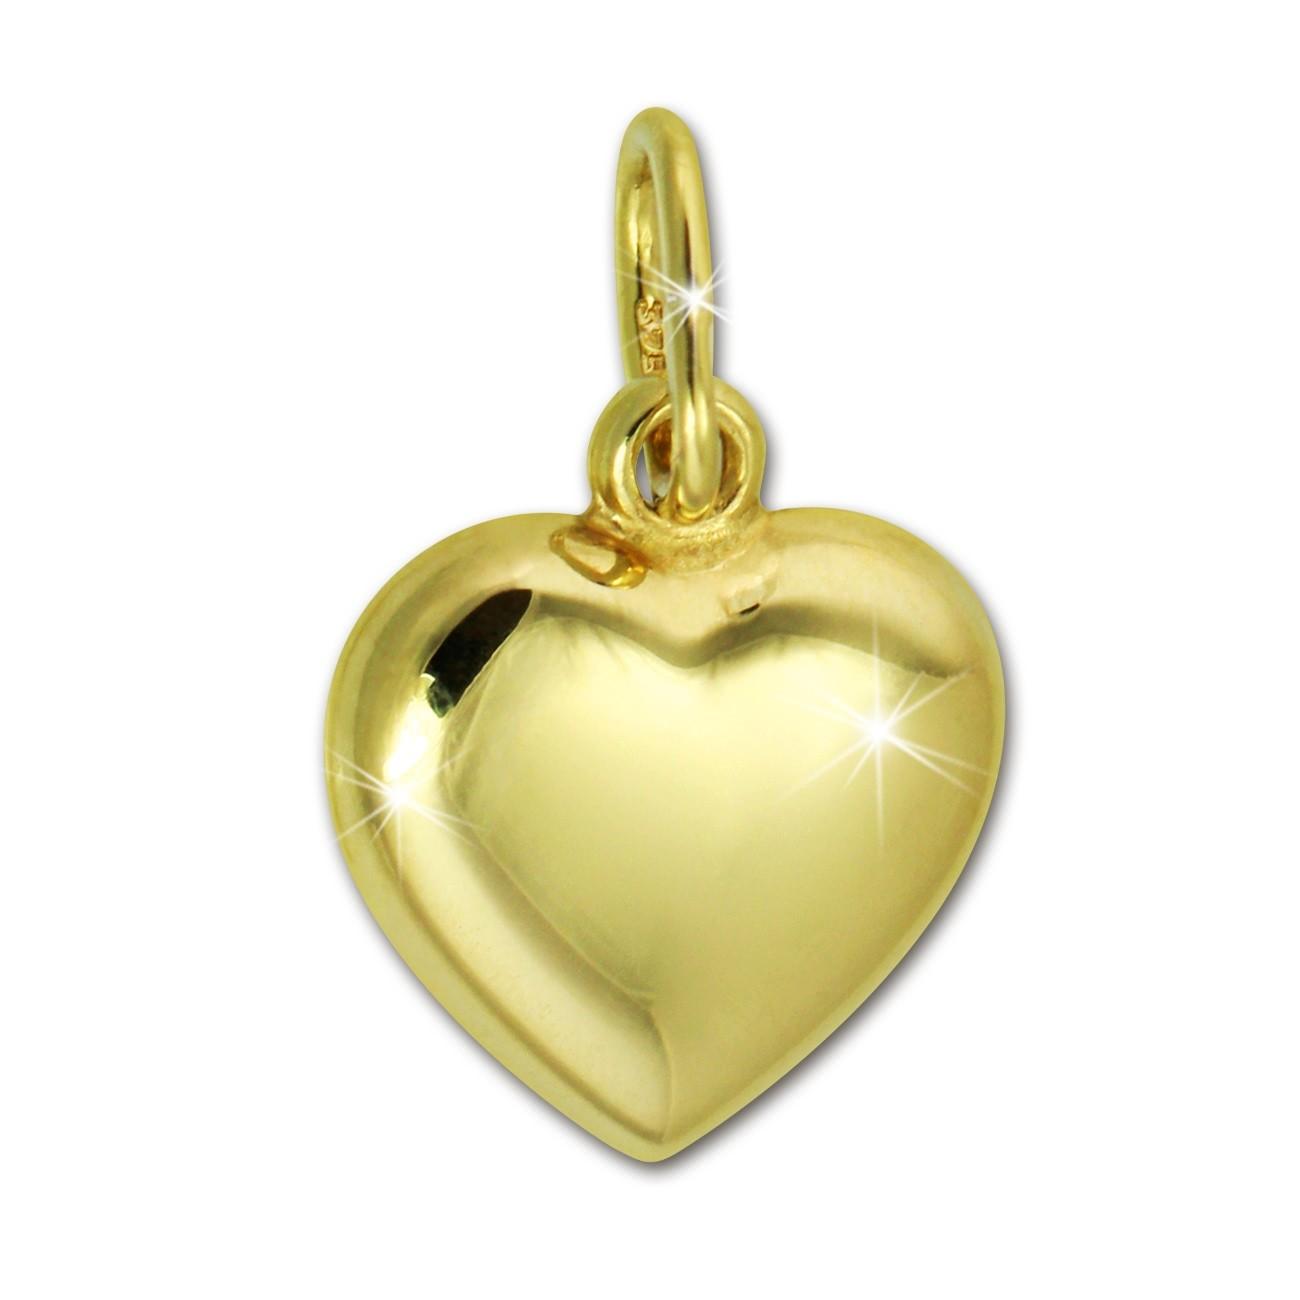 SilberDream Kettenanhänger Herz 375er Gelbgold Anhänger Echtschmuck GDH000Y